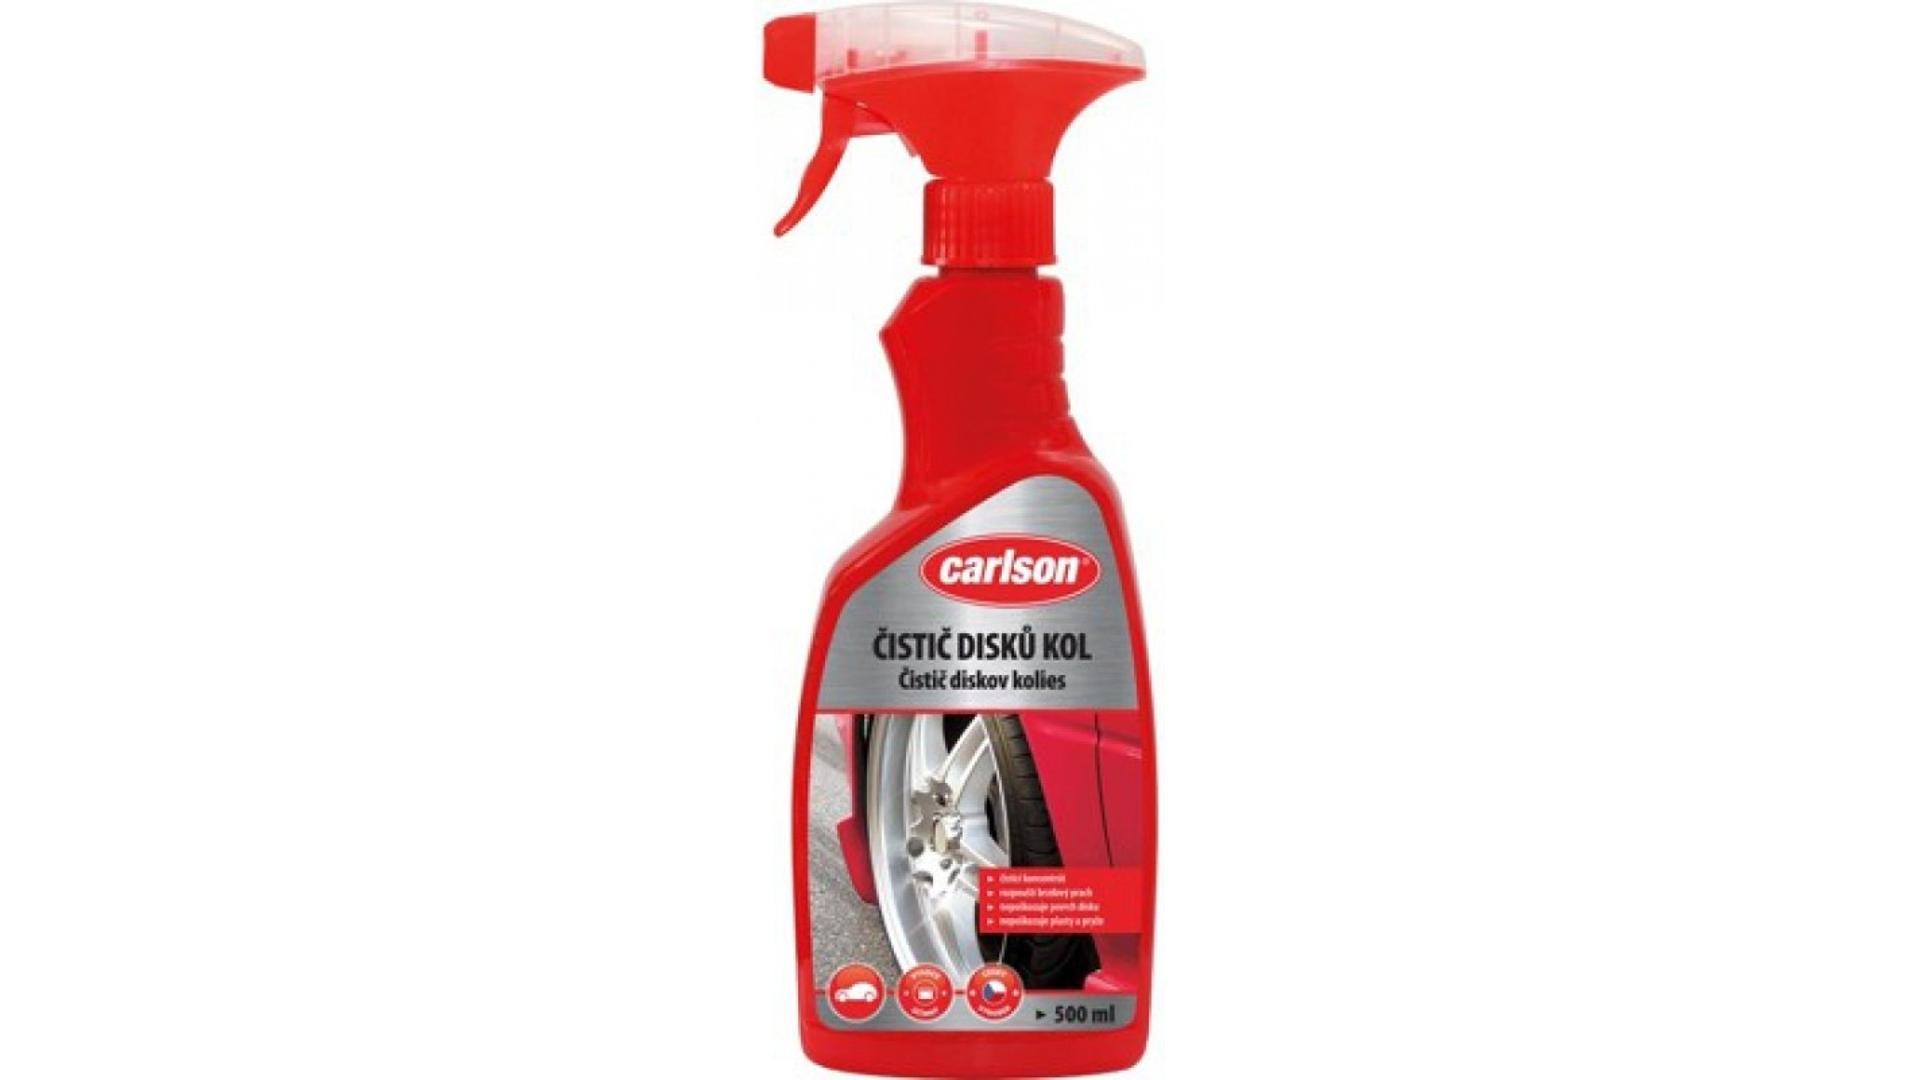 CARLSON čistič disku kol 500 ml